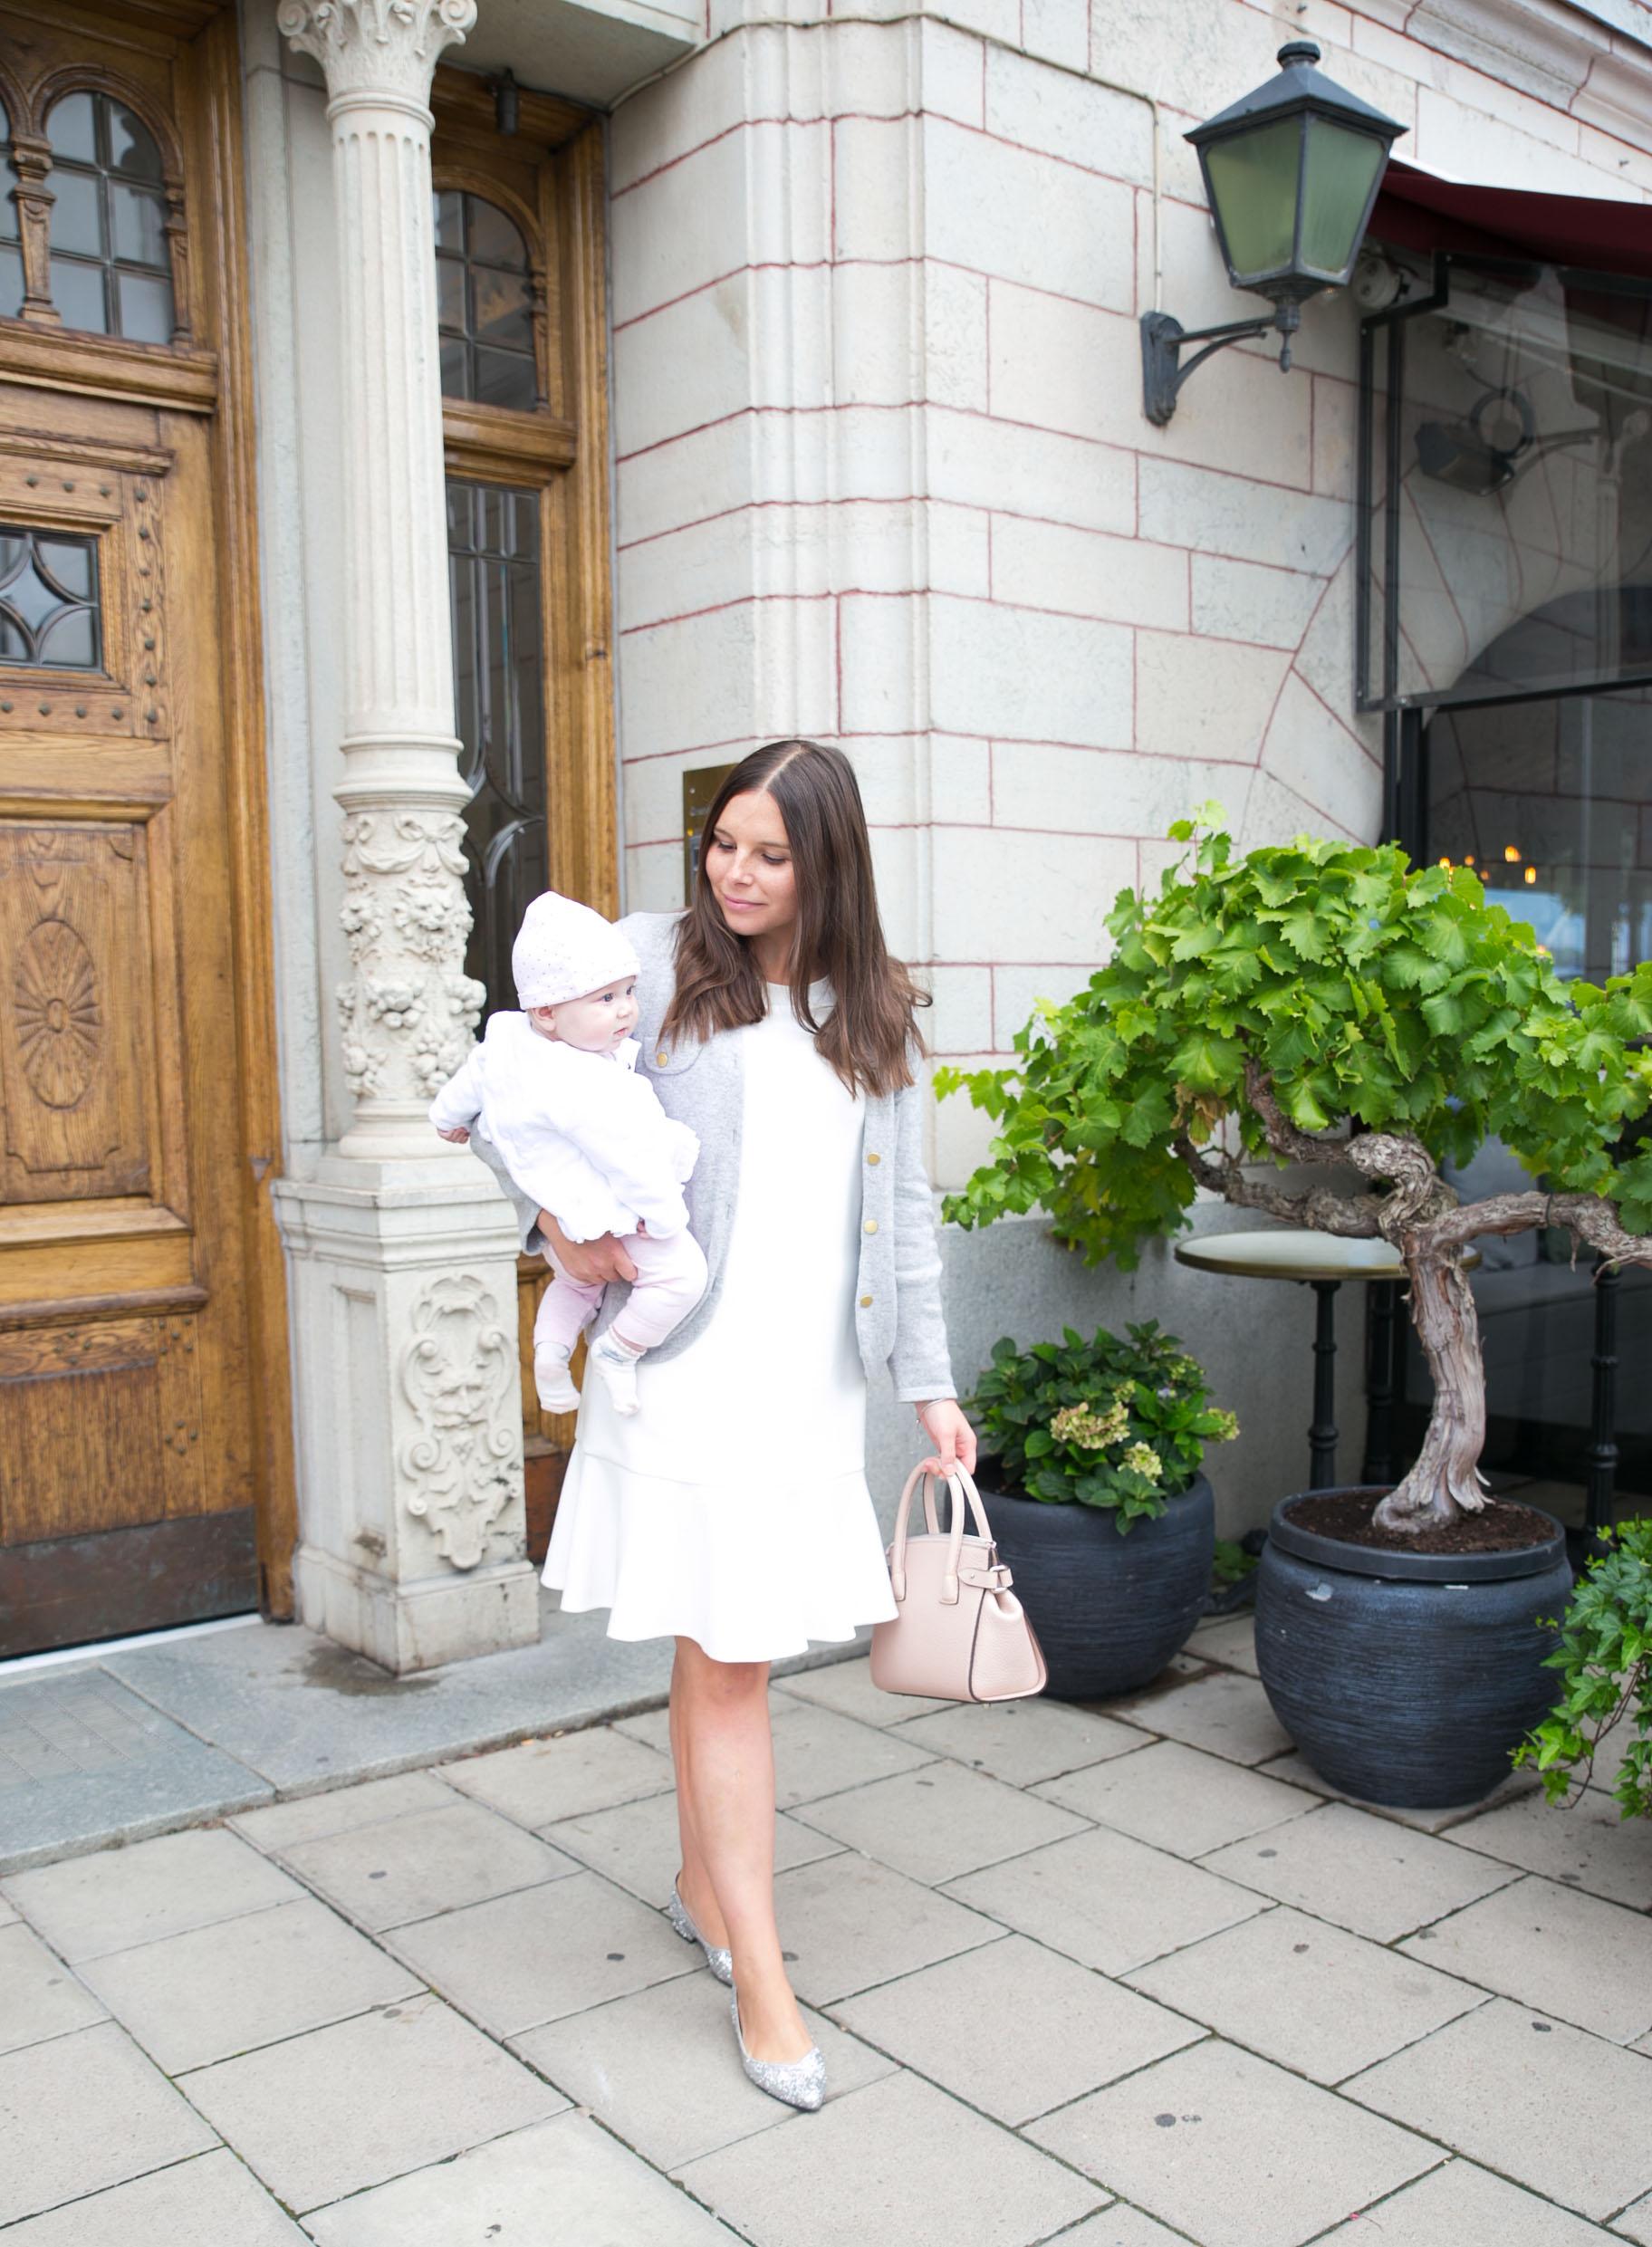 Angelicas Closet Angelica Aurell.jpg